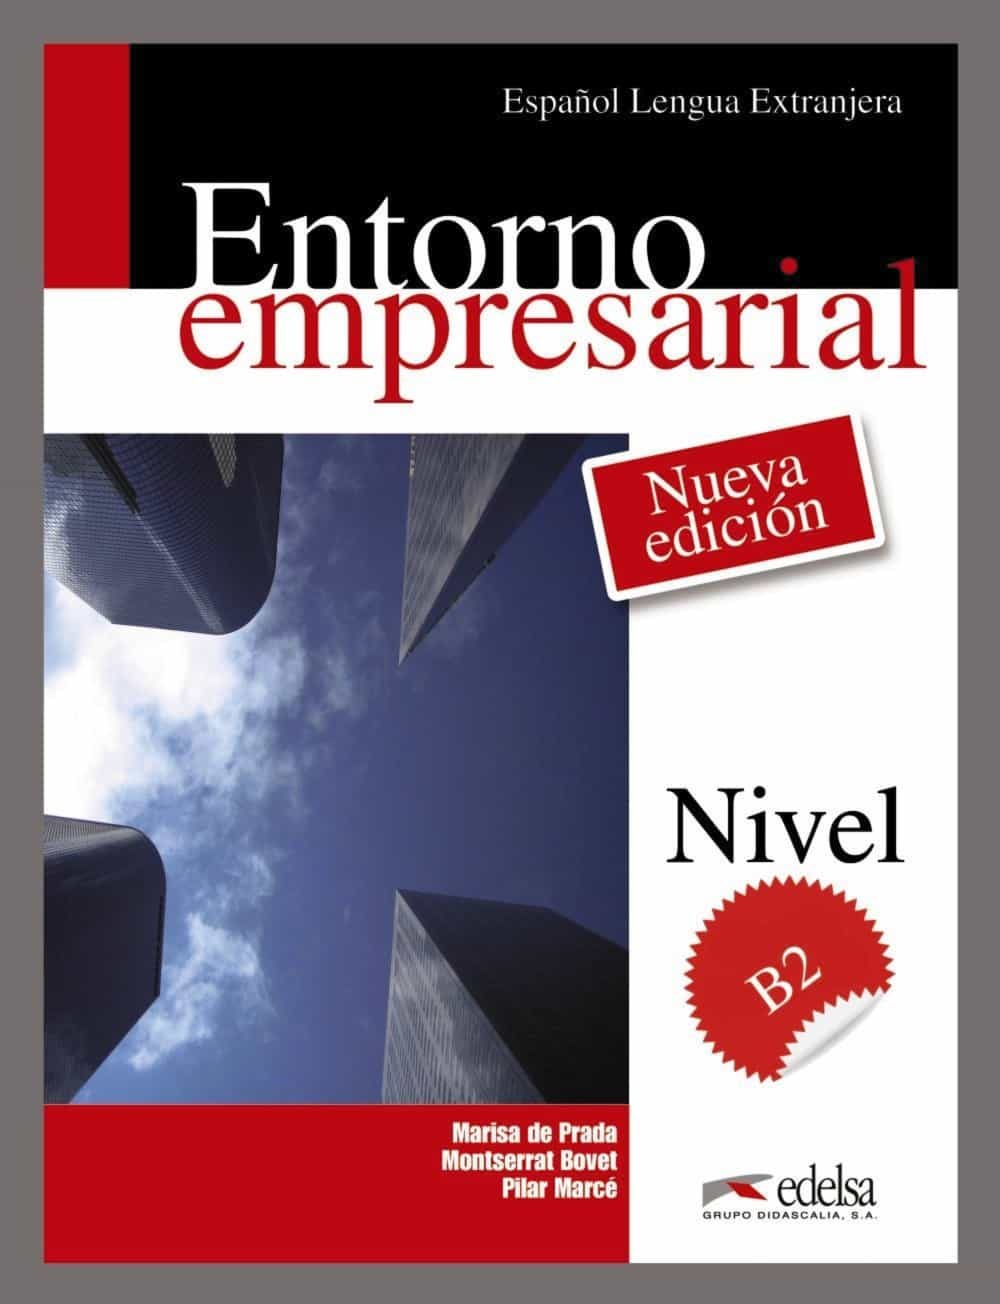 Entorno empresarial incluye cd marisa de prada comprar libro entorno empresarial incluye cd marisa de prada 9788477112976 fandeluxe Image collections